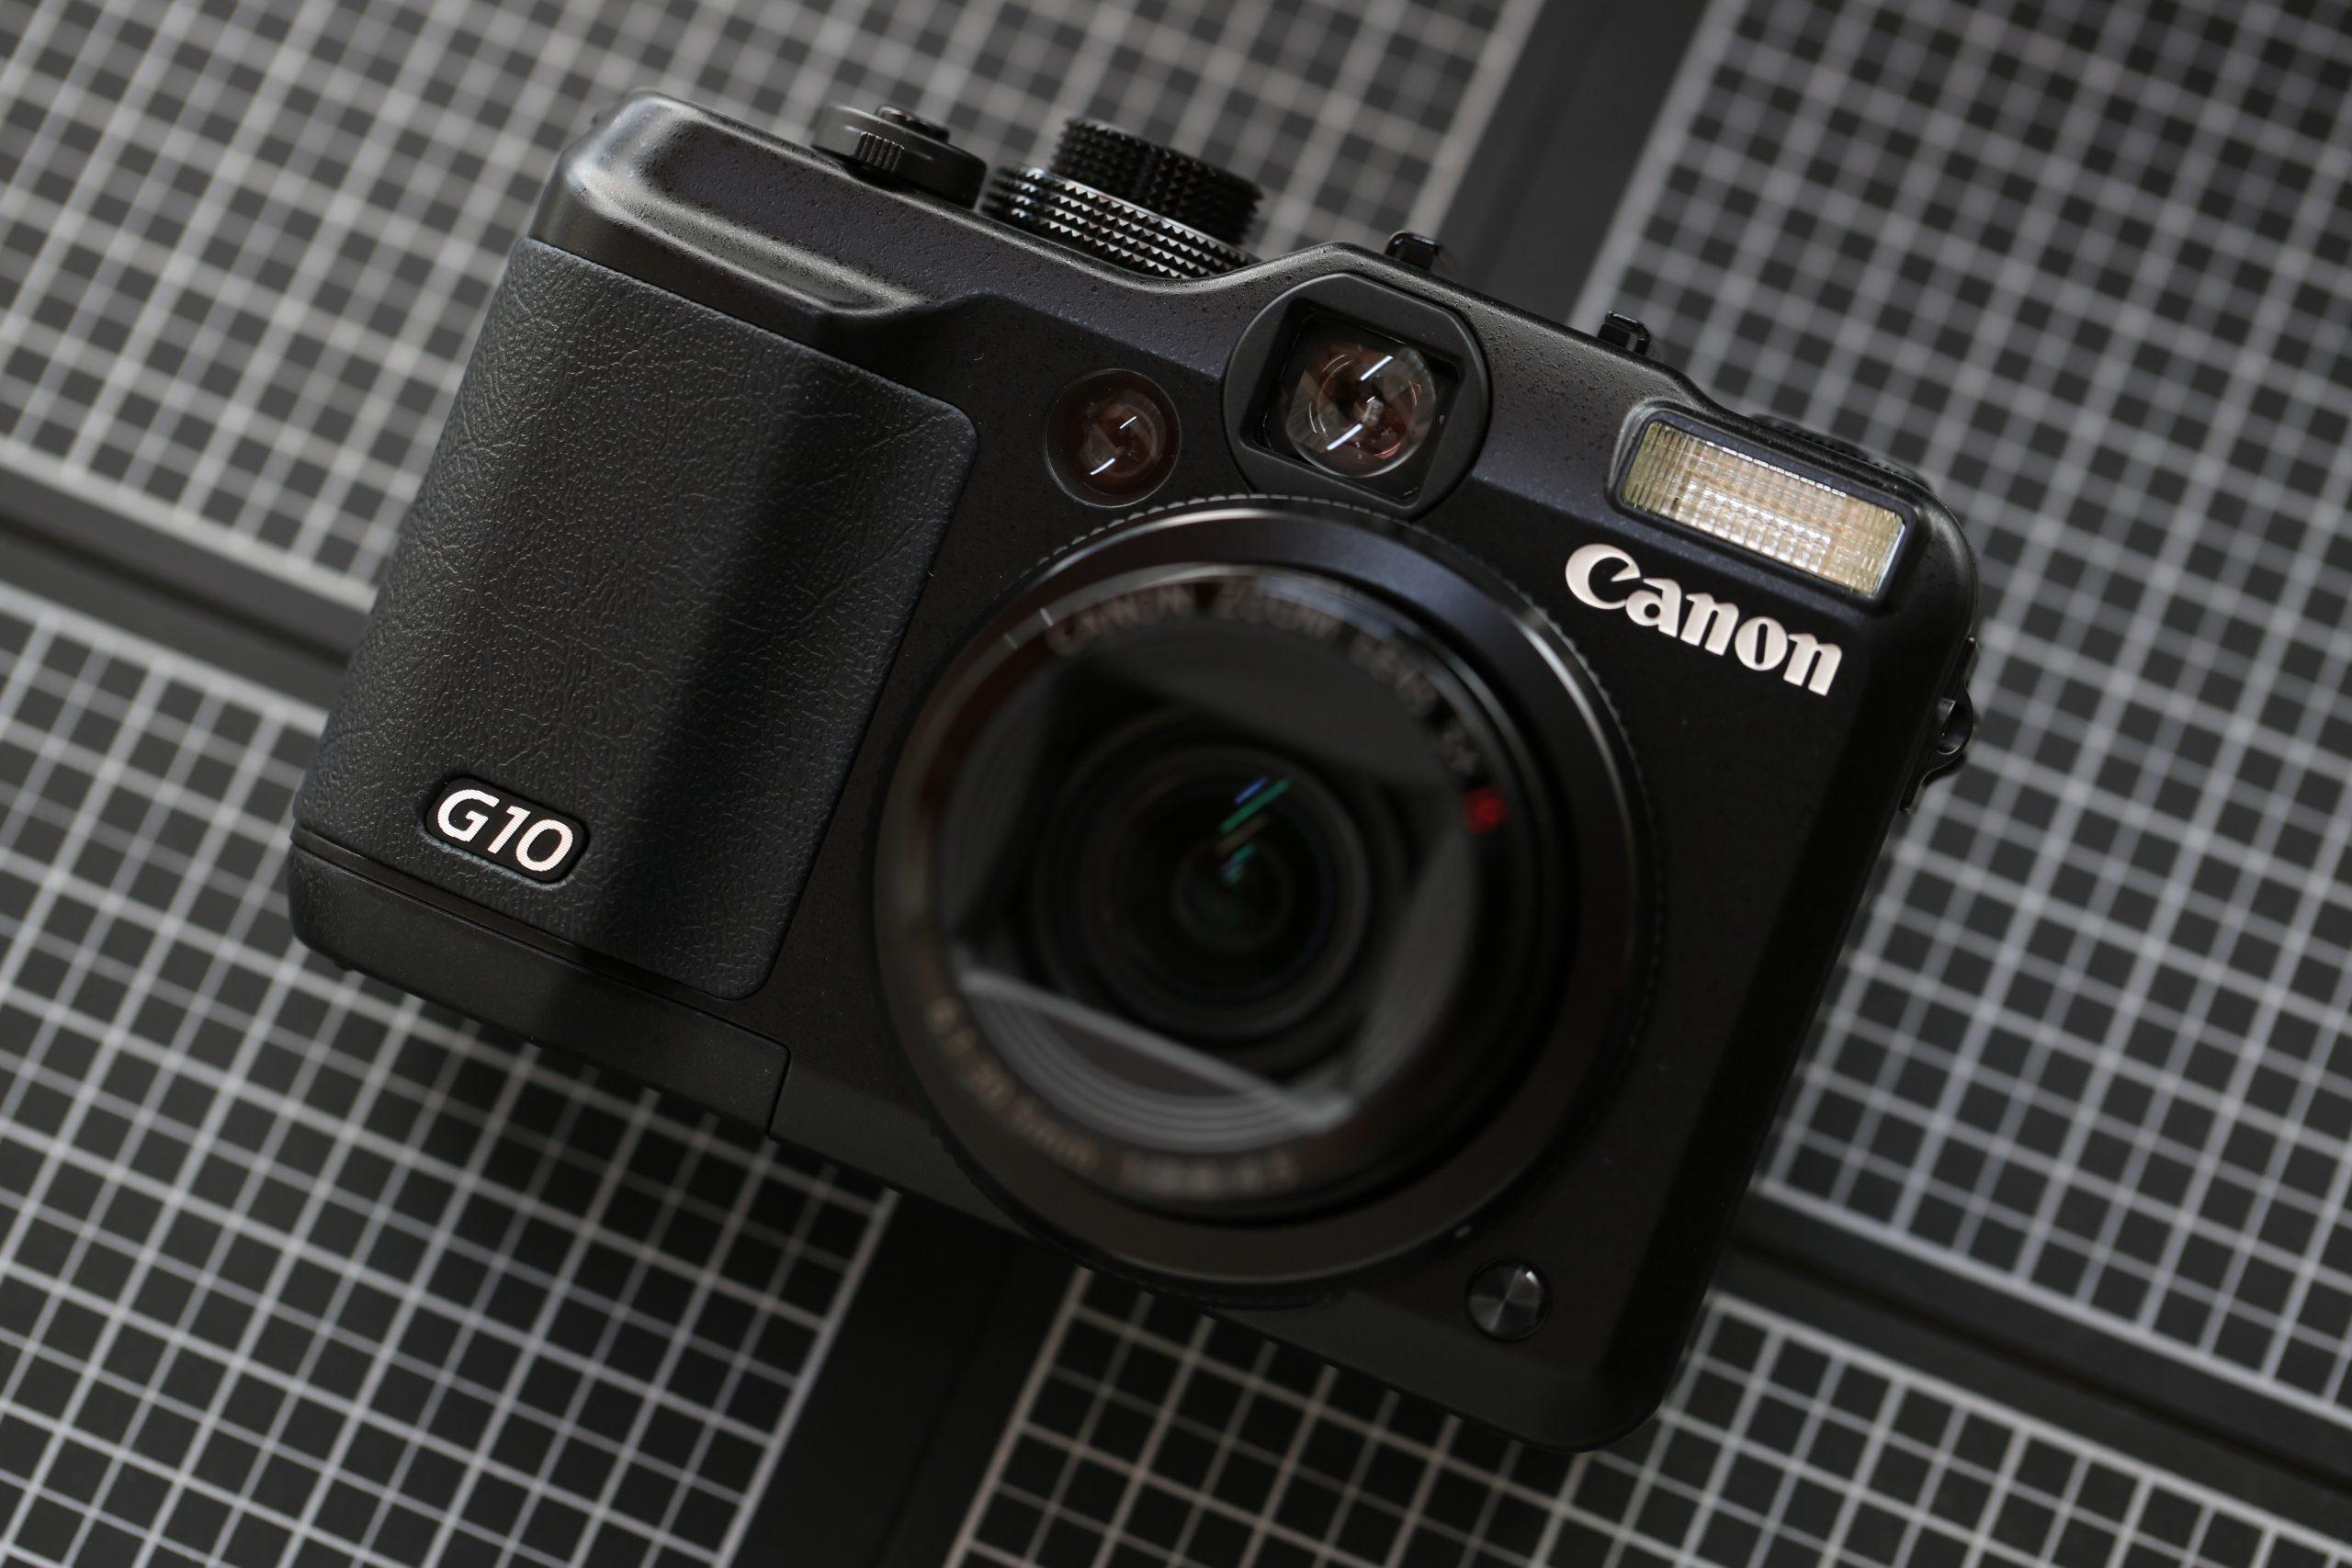 【Photo Movie】Canon PowerShot G10